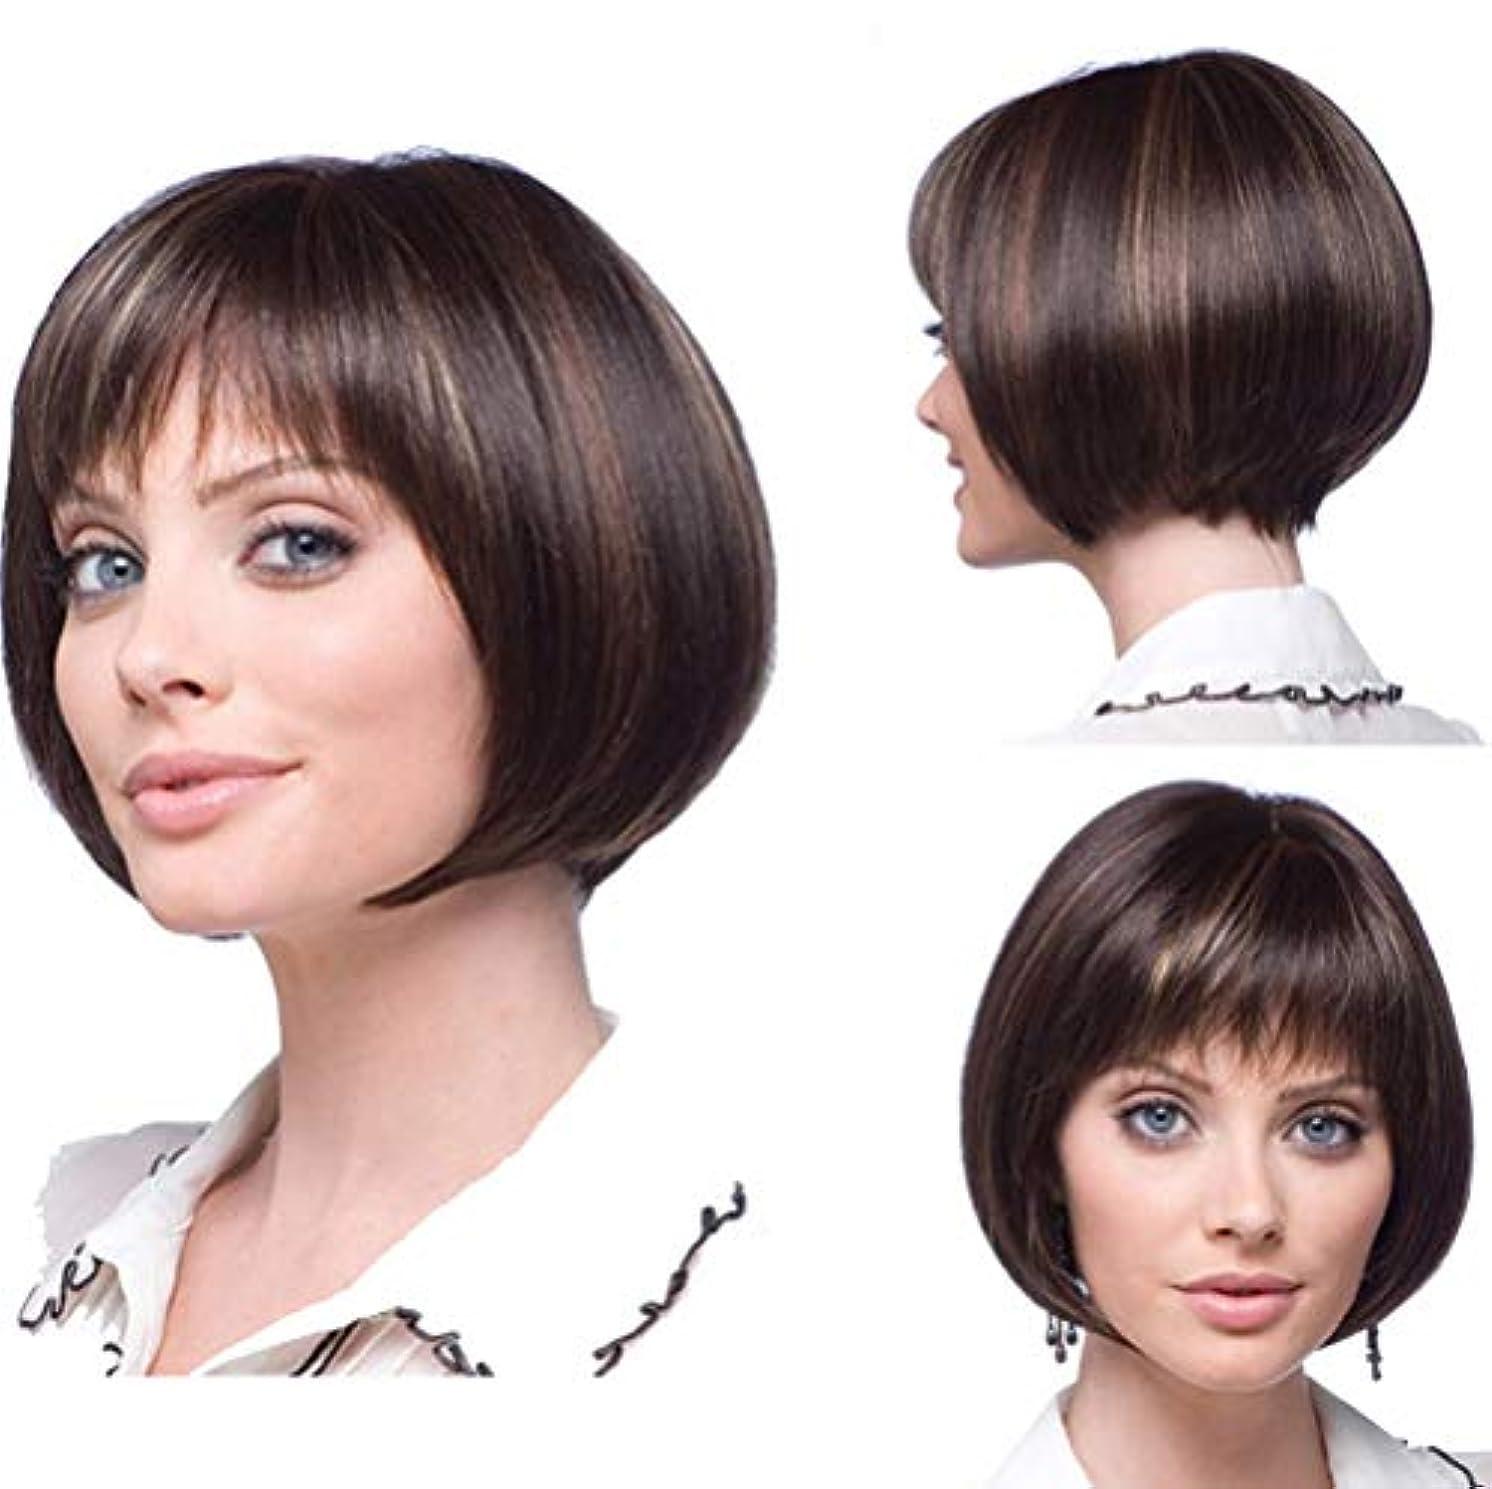 黒くする成果オーチャード女性ブラジルショートヘアウィッグピクシーフリンジカットカットストレートヘア30cm用